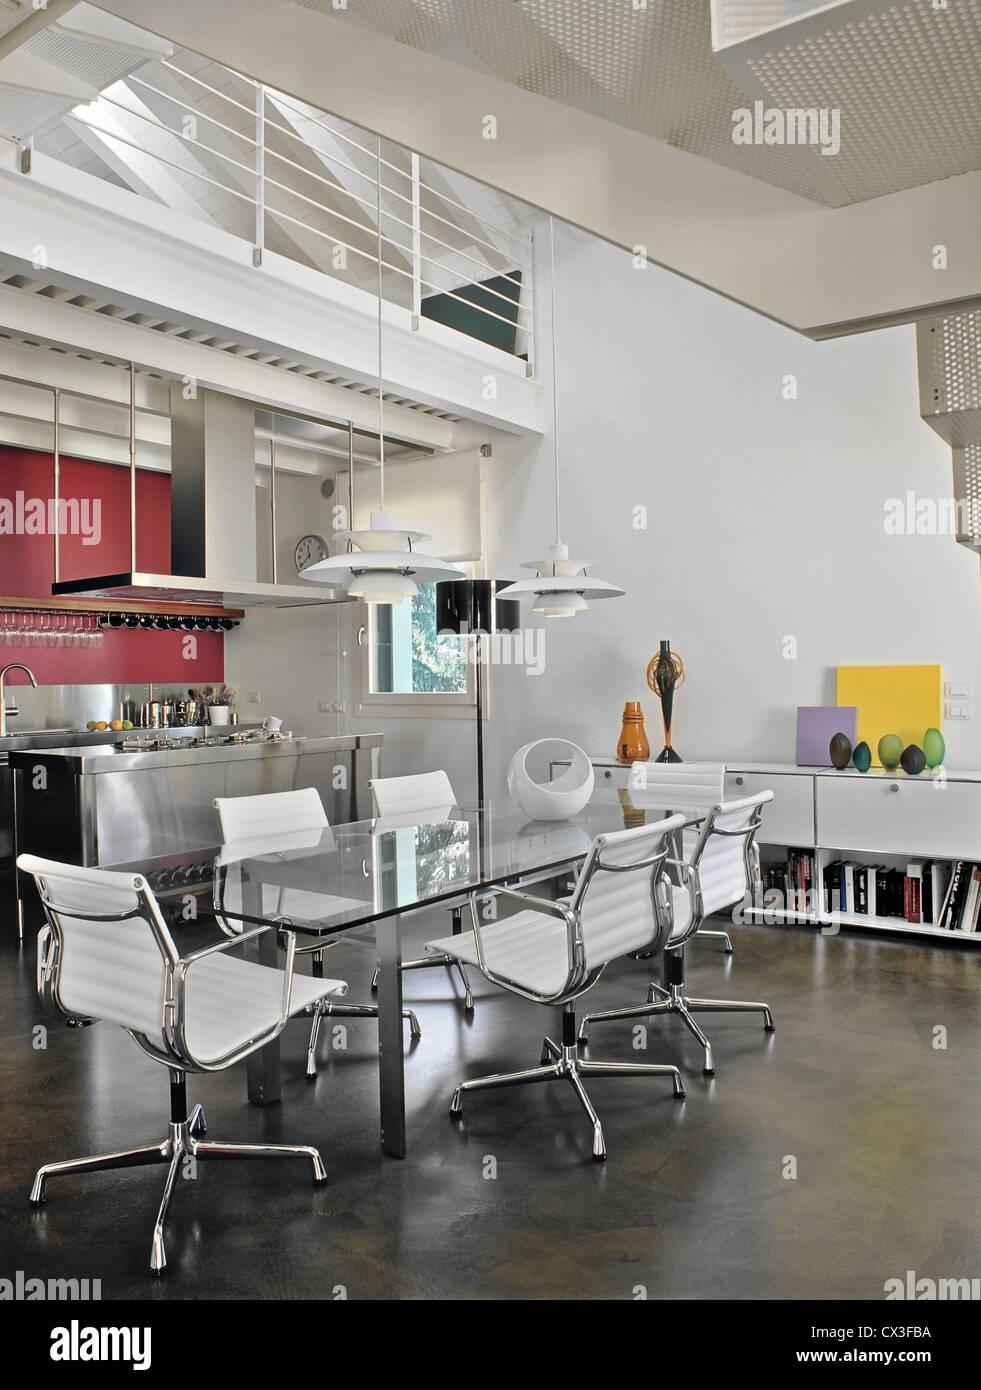 moderne esszimmer im zimmer unter dem dach in der n he von k che mit harz stock stockfoto bild. Black Bedroom Furniture Sets. Home Design Ideas